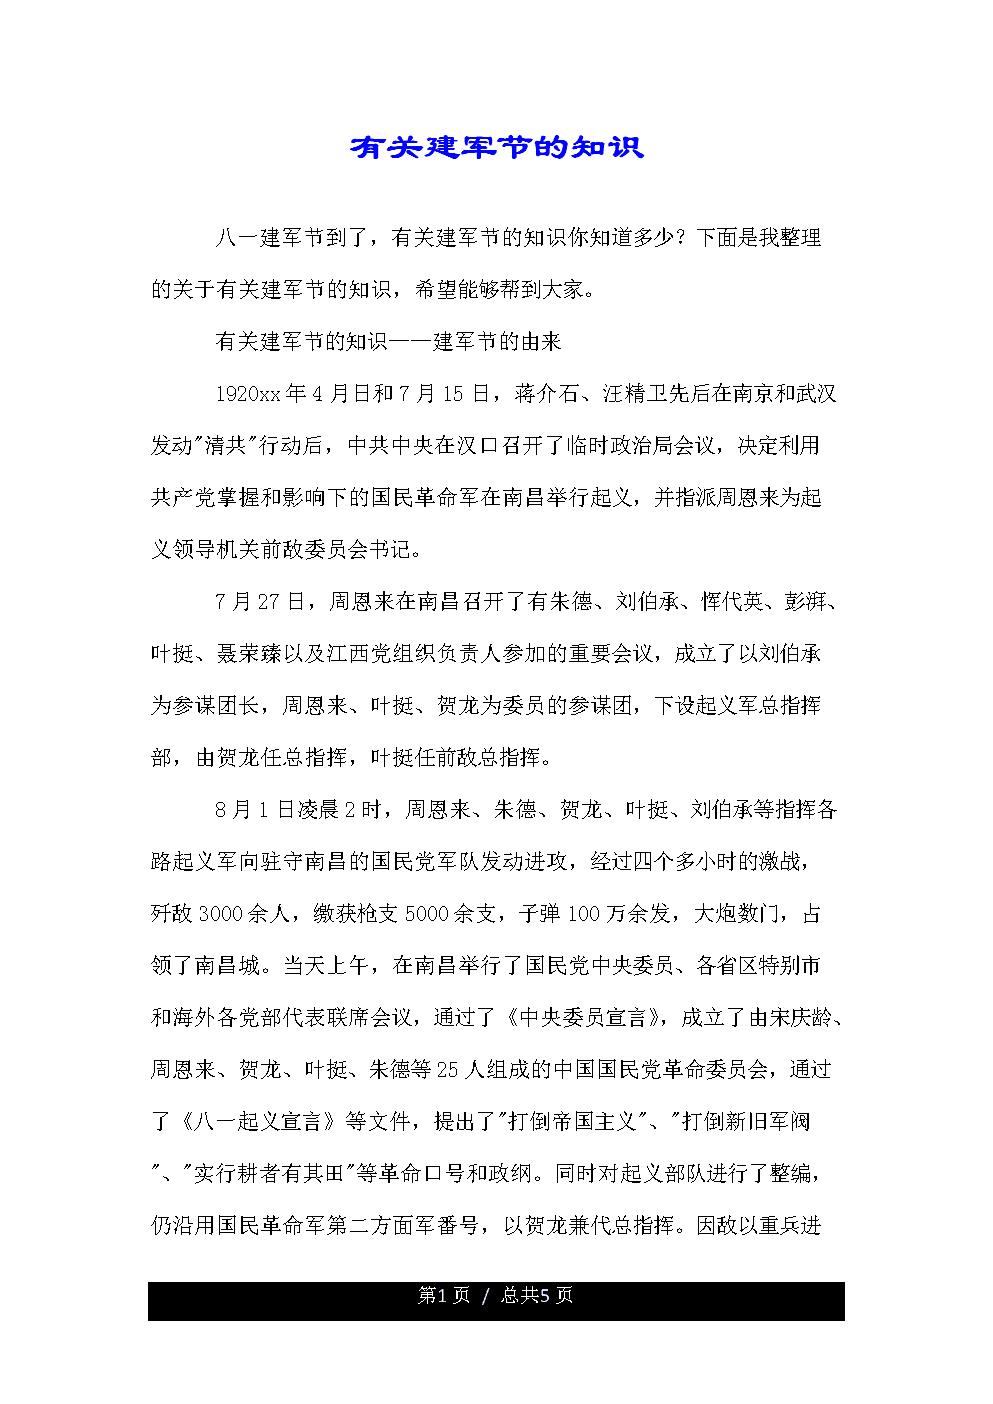 精选有关建军节的知识.doc